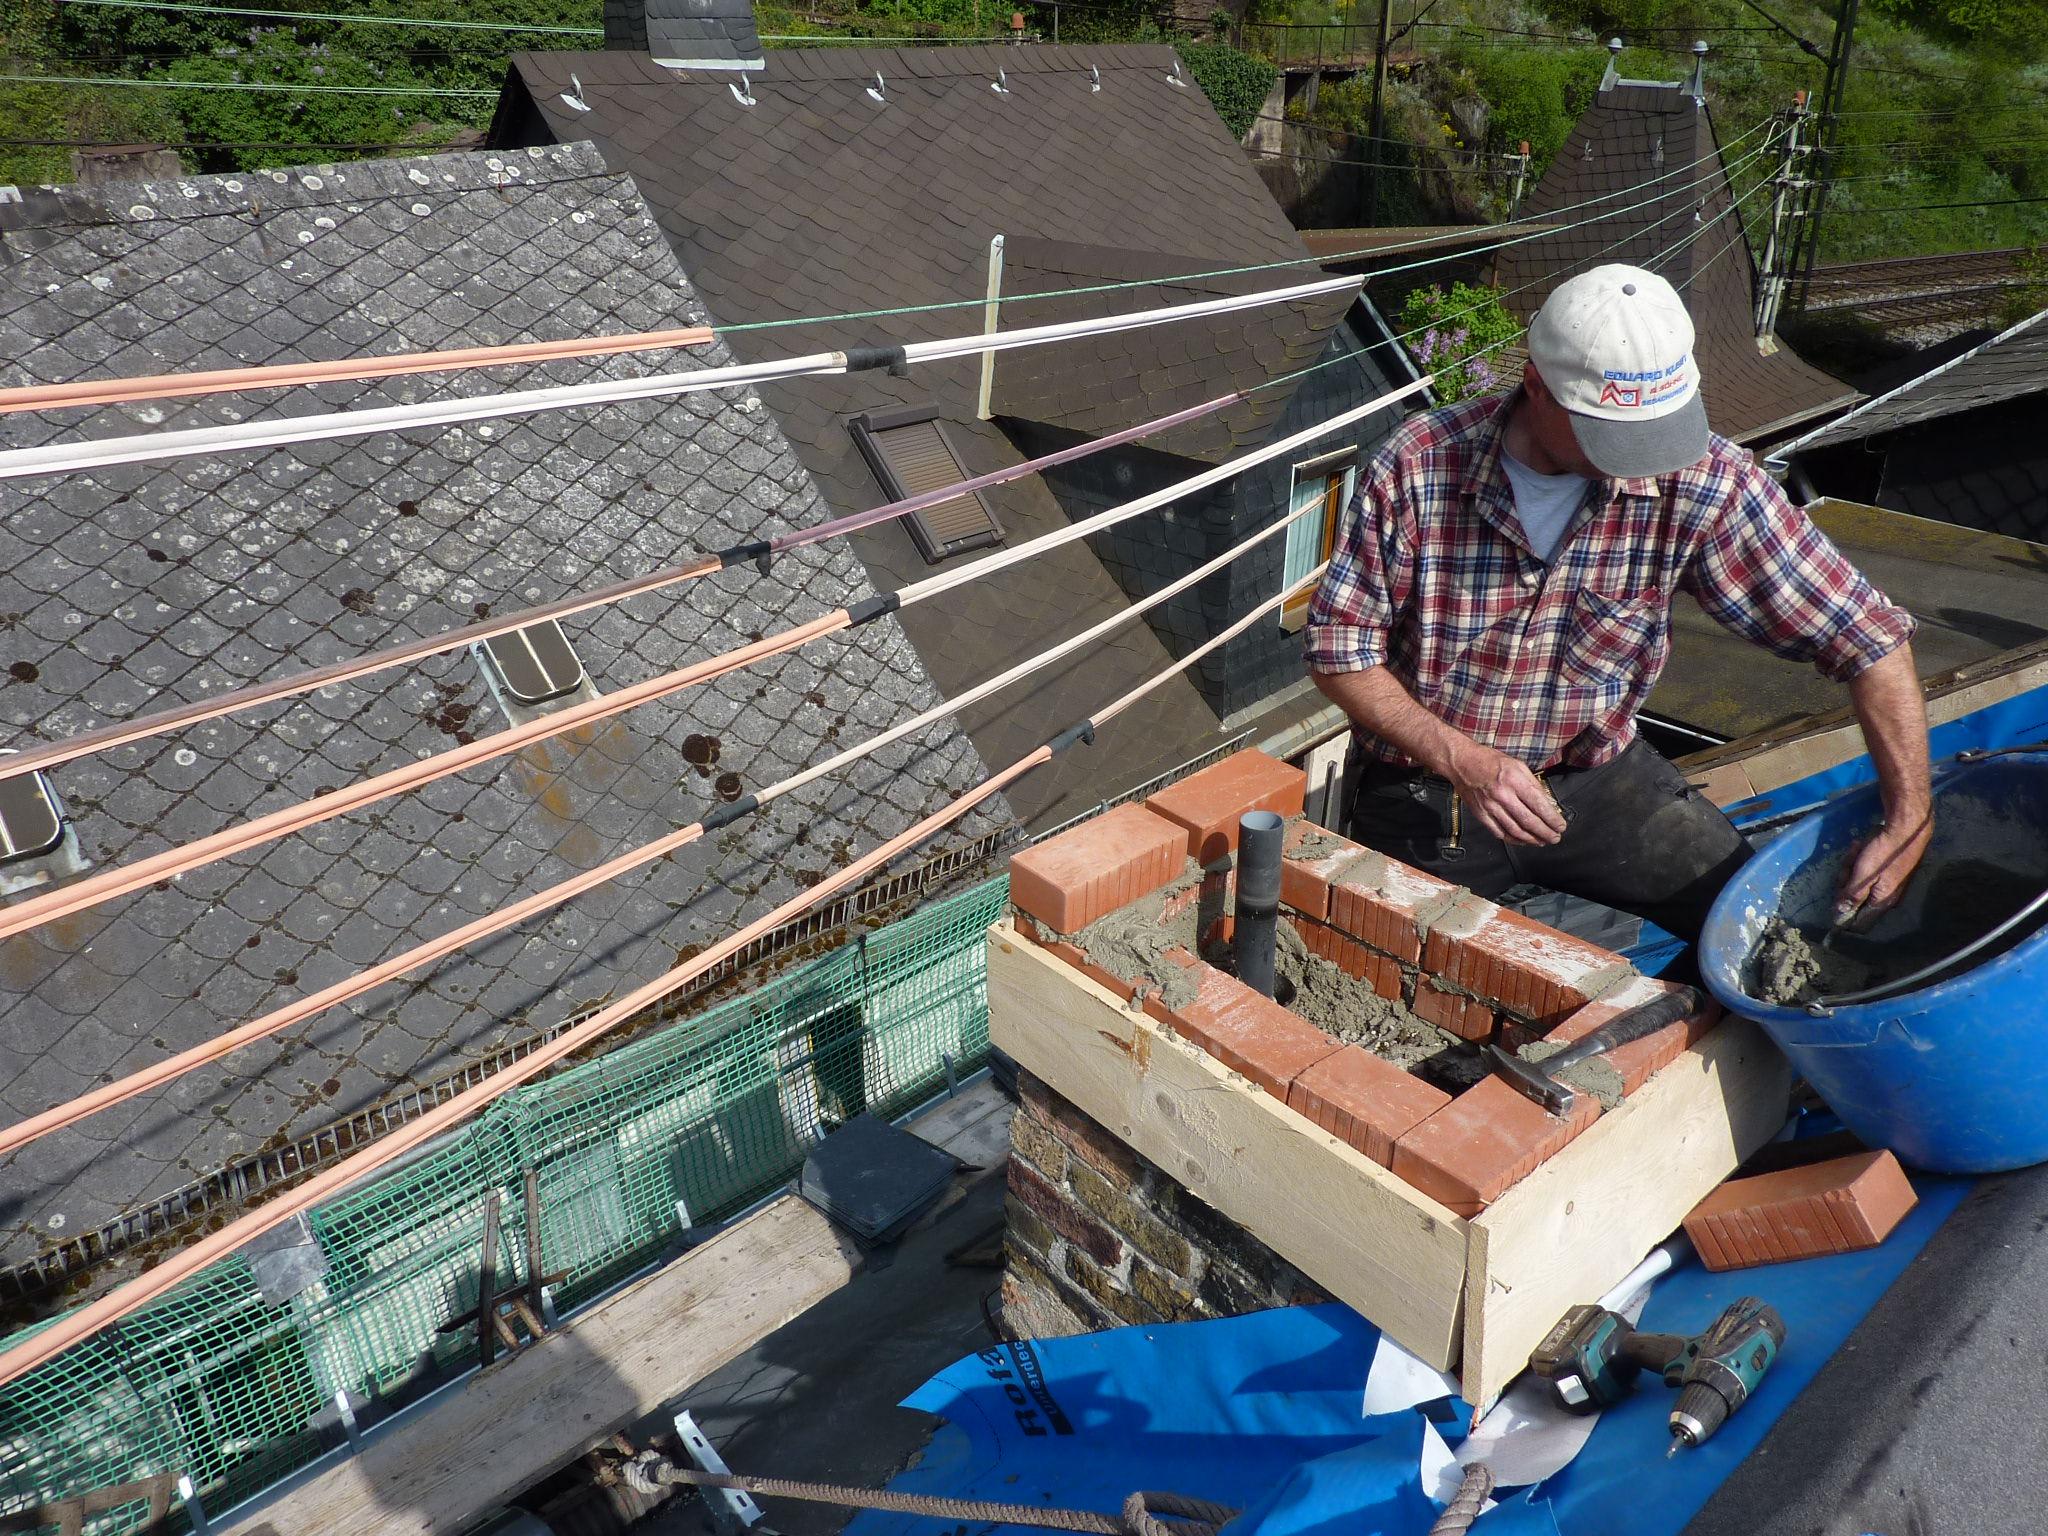 Dachdecker auf dem Dach beim Mauern eines Kamins